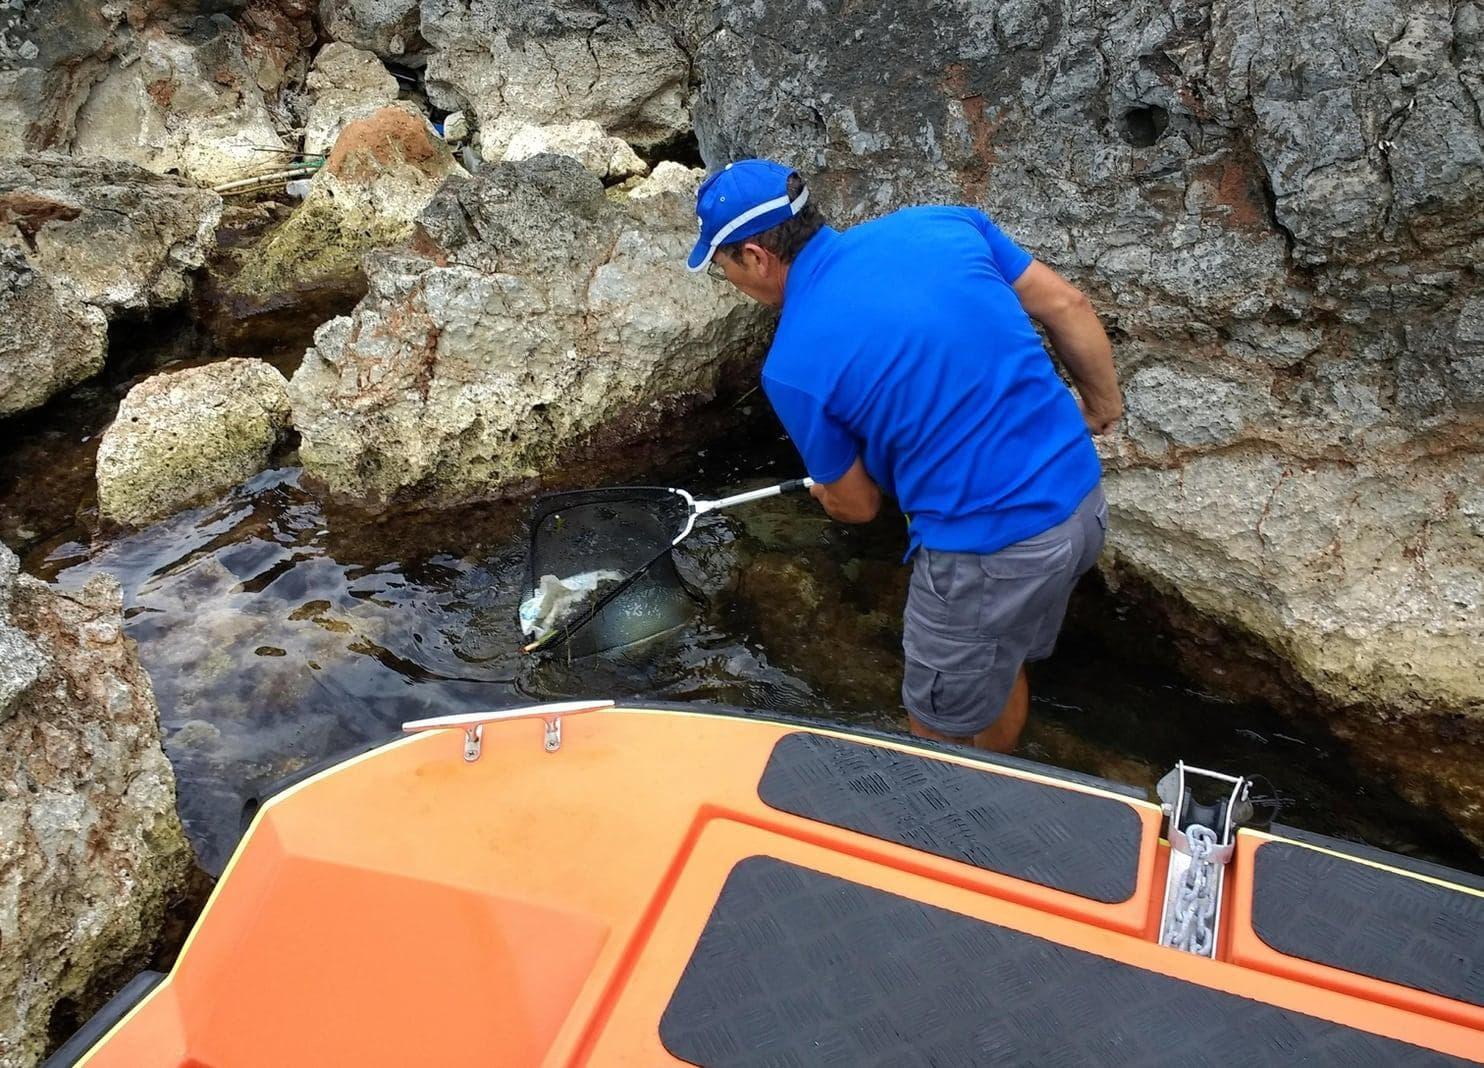 <p>Hier fischt Adrover mit einem Kescher einen Plastik-Kanister aus dem Meer...</p> Foto: dpa